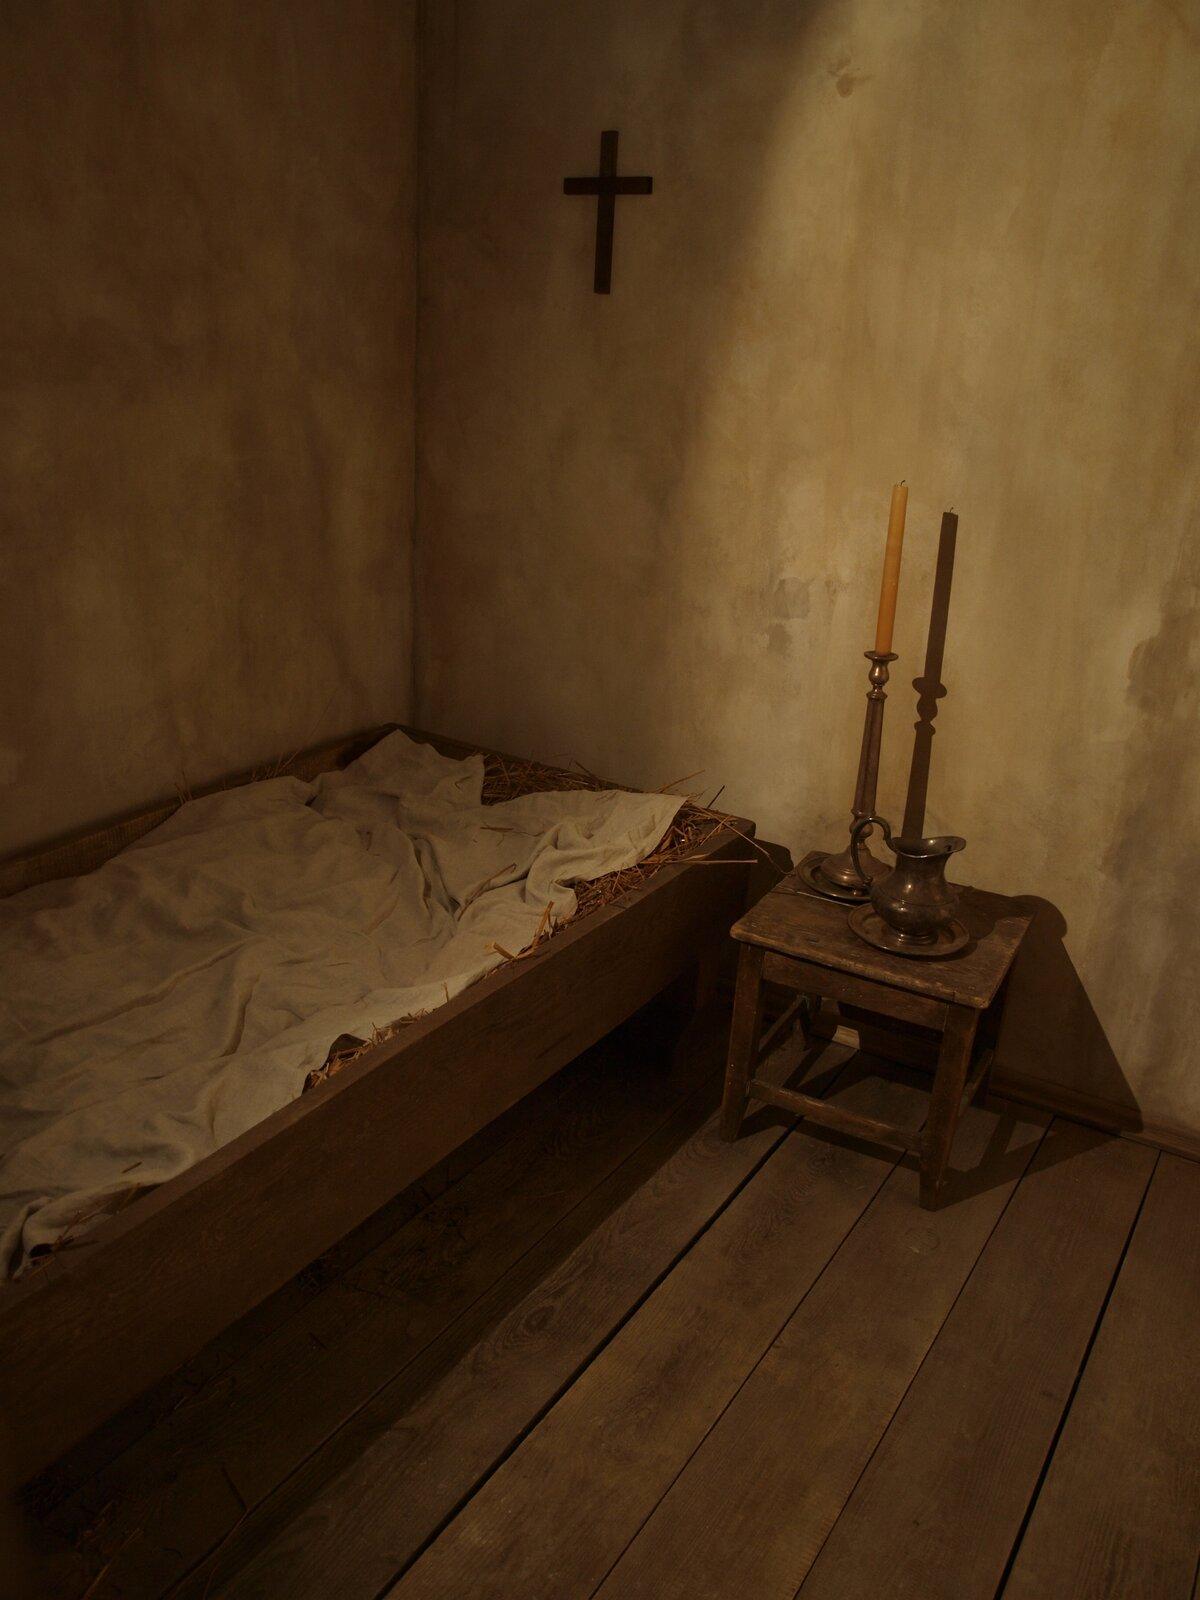 Ekspozycja przedstawiająca wyobrażenie celi Konrada wbyłymklasztorze bazylianów wWilnie Ekspozycja przedstawiająca wyobrażenie celi Konrada wbyłymklasztorze bazylianów wWilnie Źródło: Aphranius, licencja: CC BY-SA 3.0.